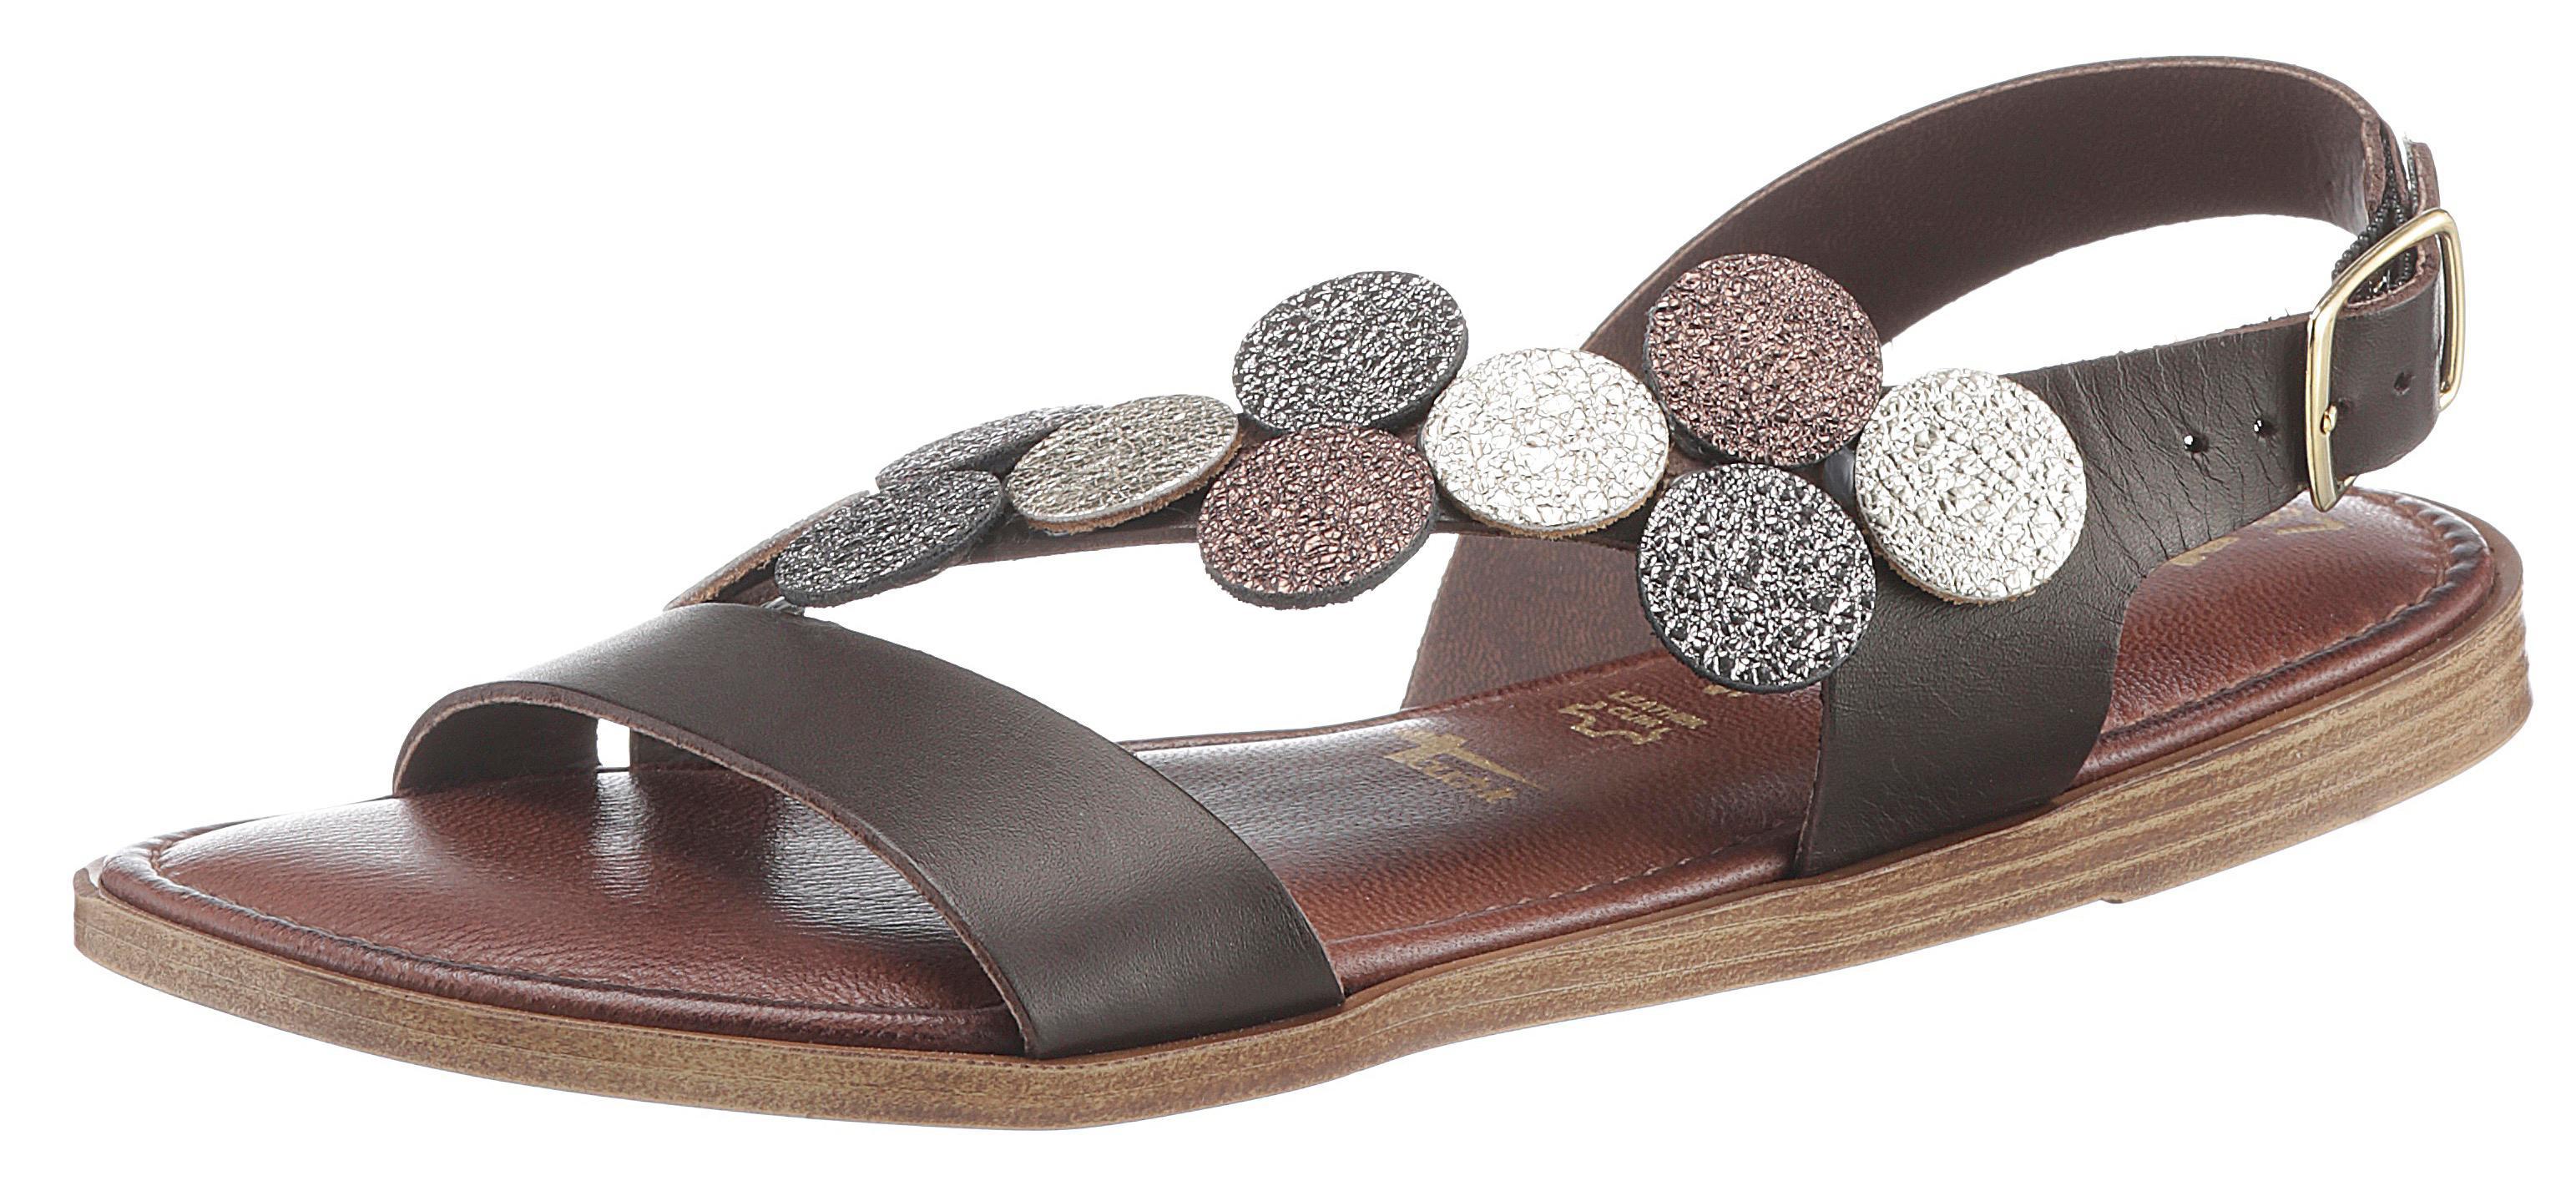 exquisite design no sale tax amazon Tamaris Sandale »Isla« günstig kaufen | BAUR